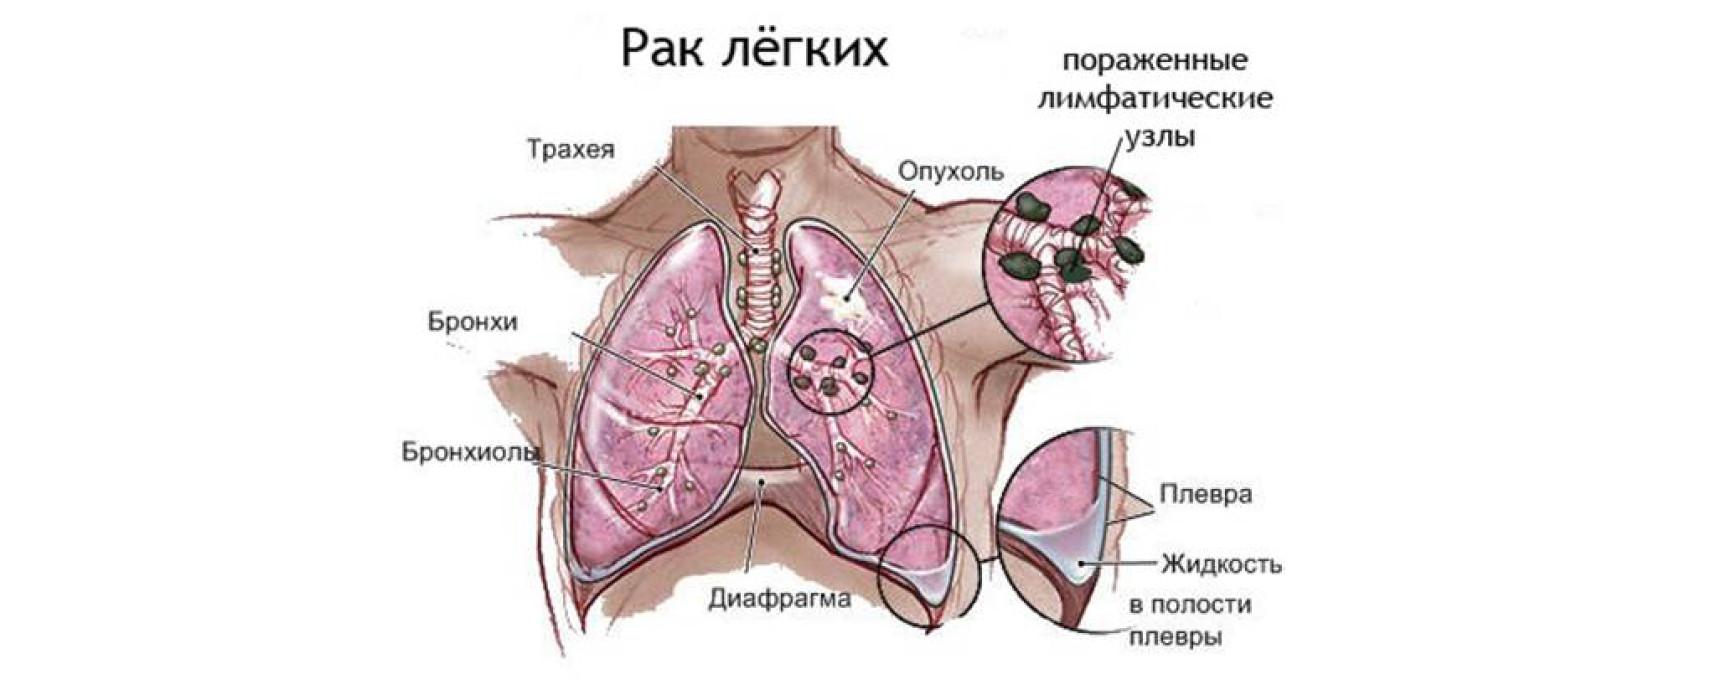 Класификация опухолей и лечение кинезитерапией